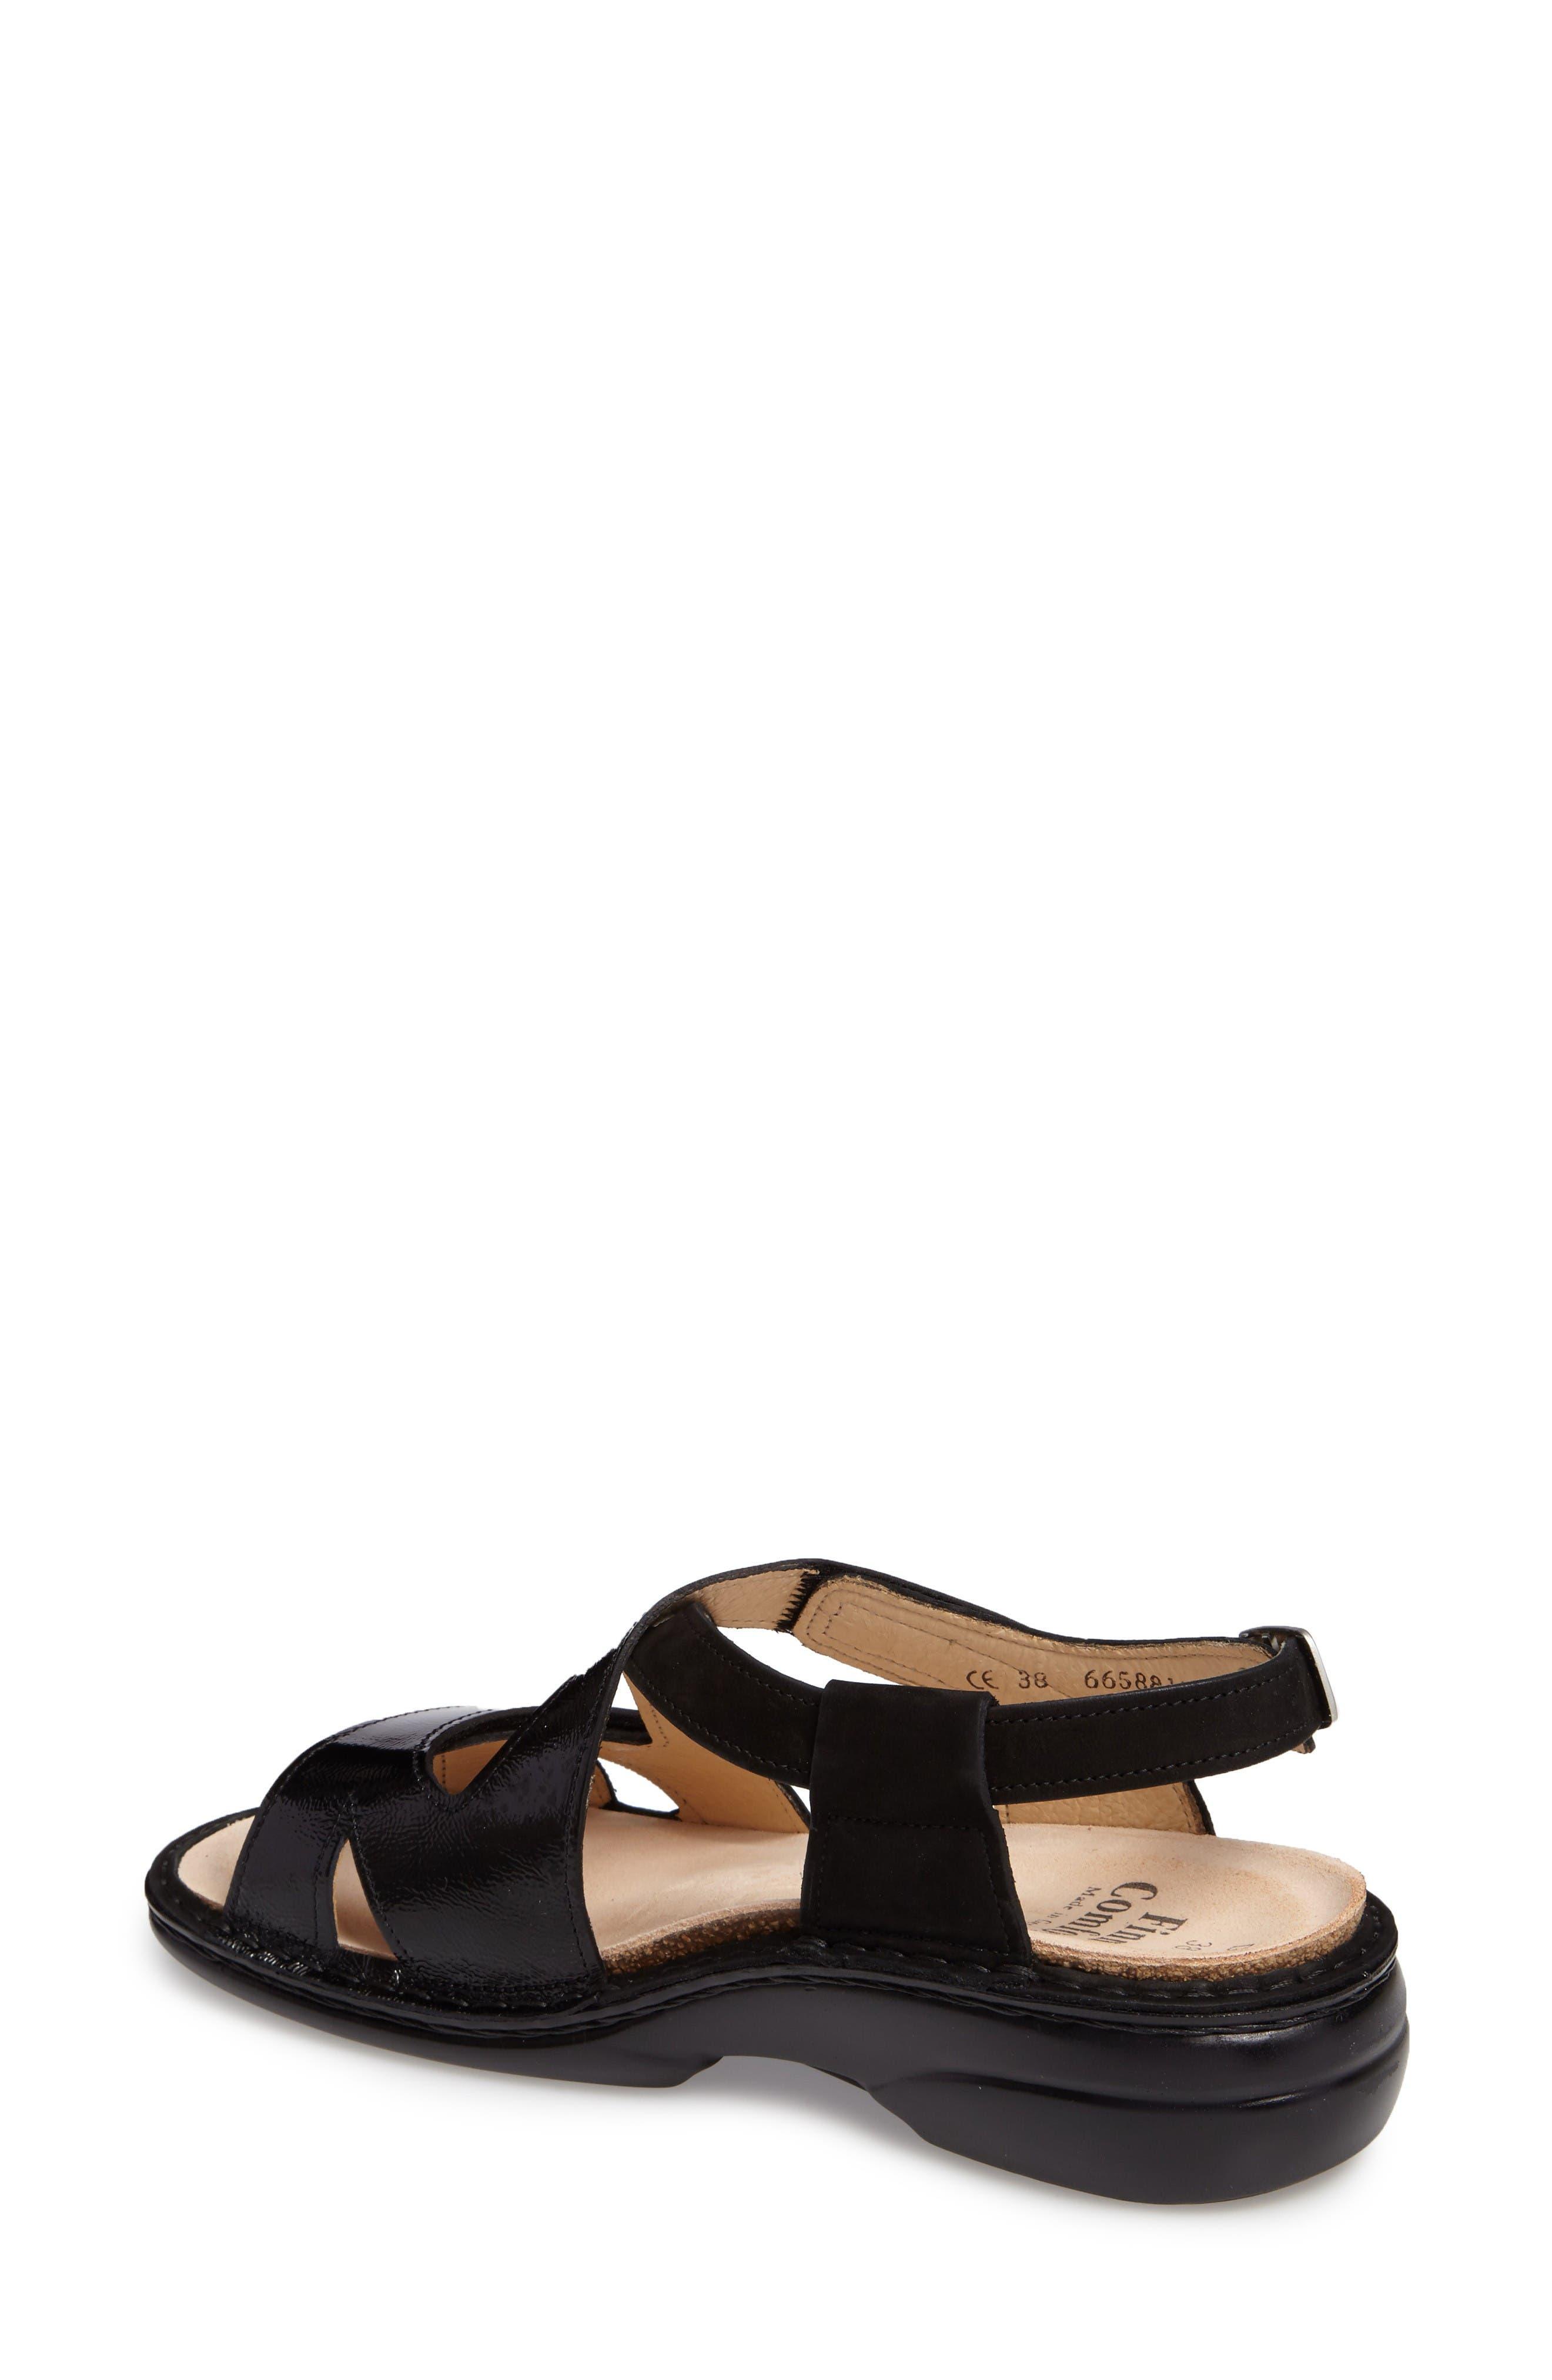 Alternate Image 2  - Finn Comfort Leawood Sandal (Women)